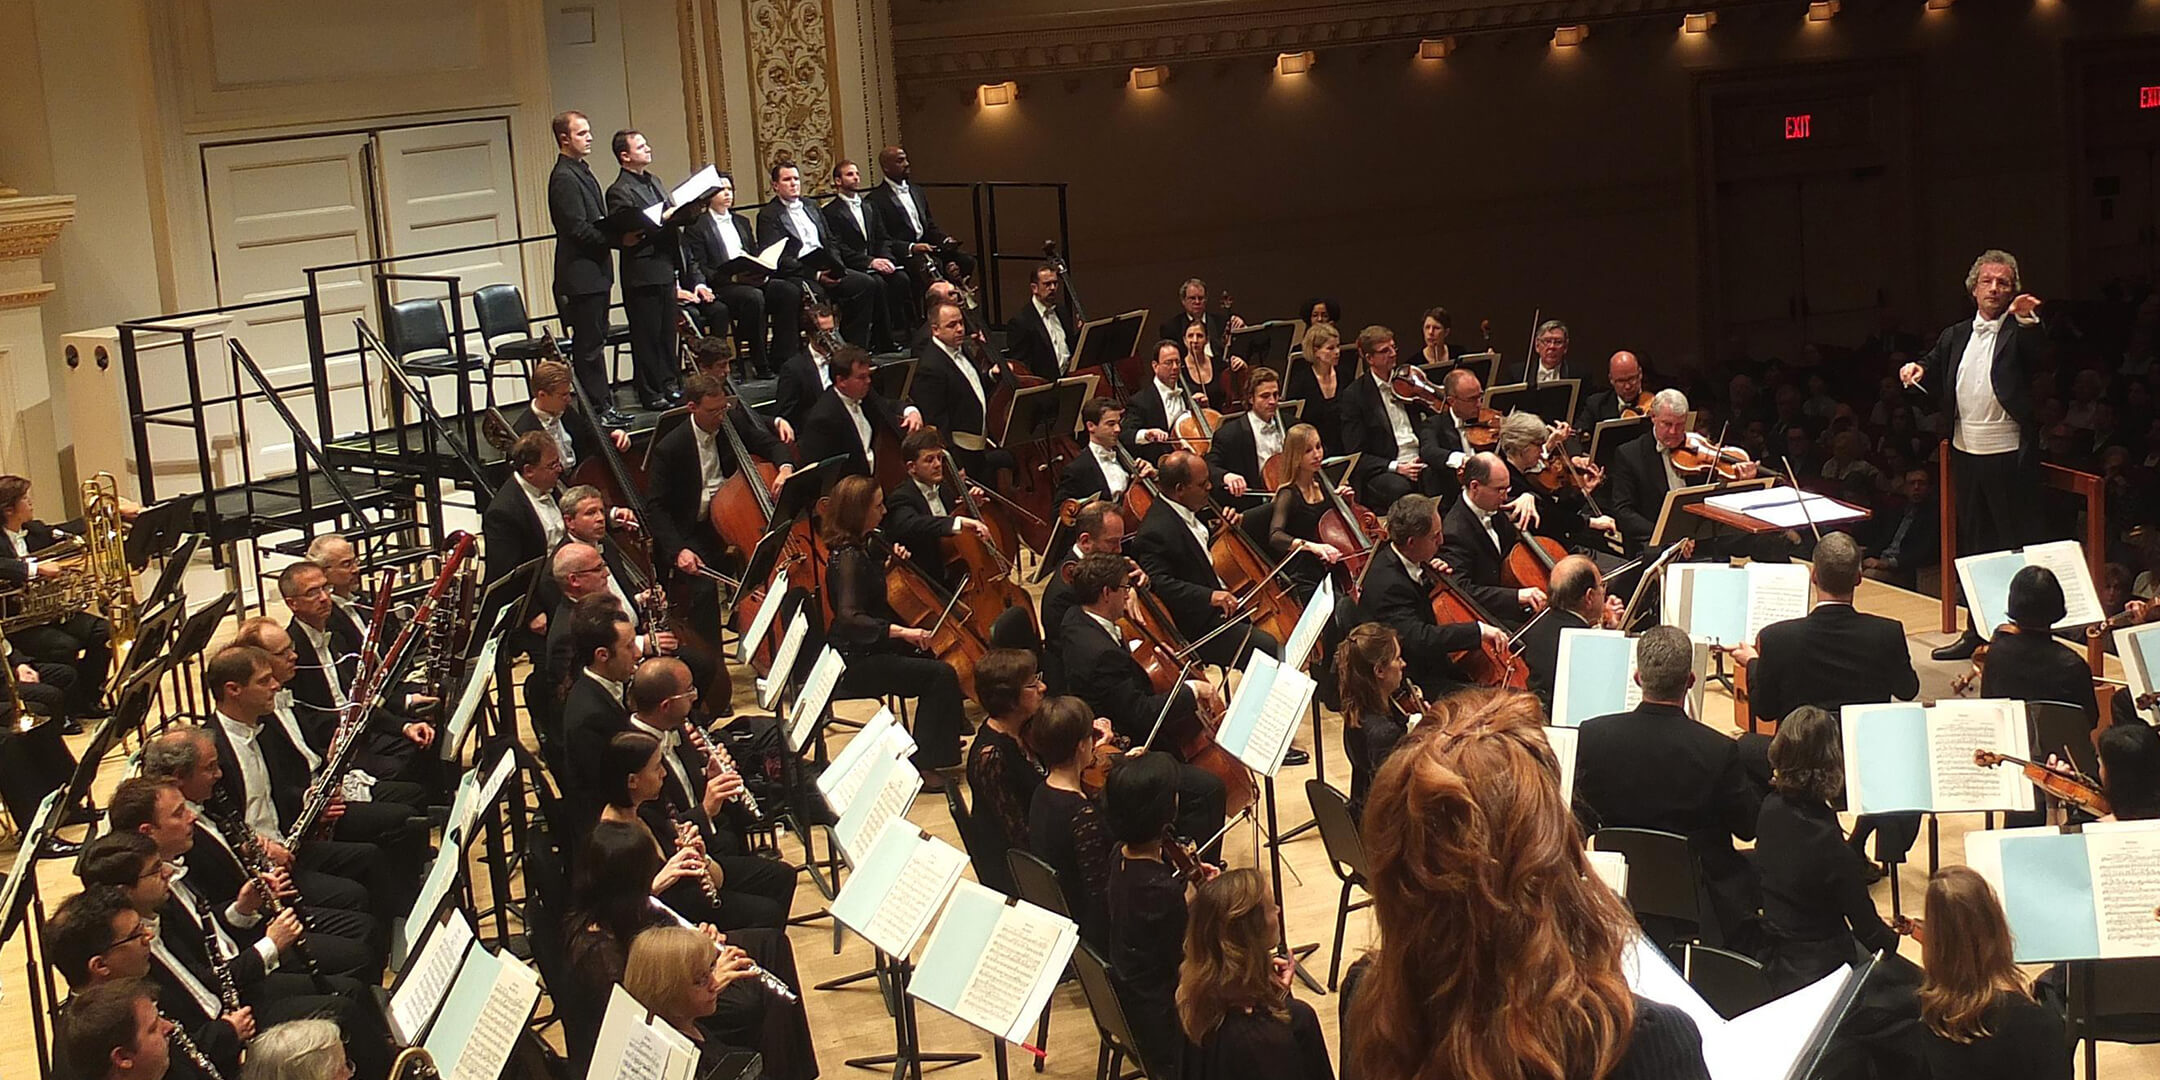 Cleveland Orchestra Christmas Concert 2021 M6p5poupkcbrqm